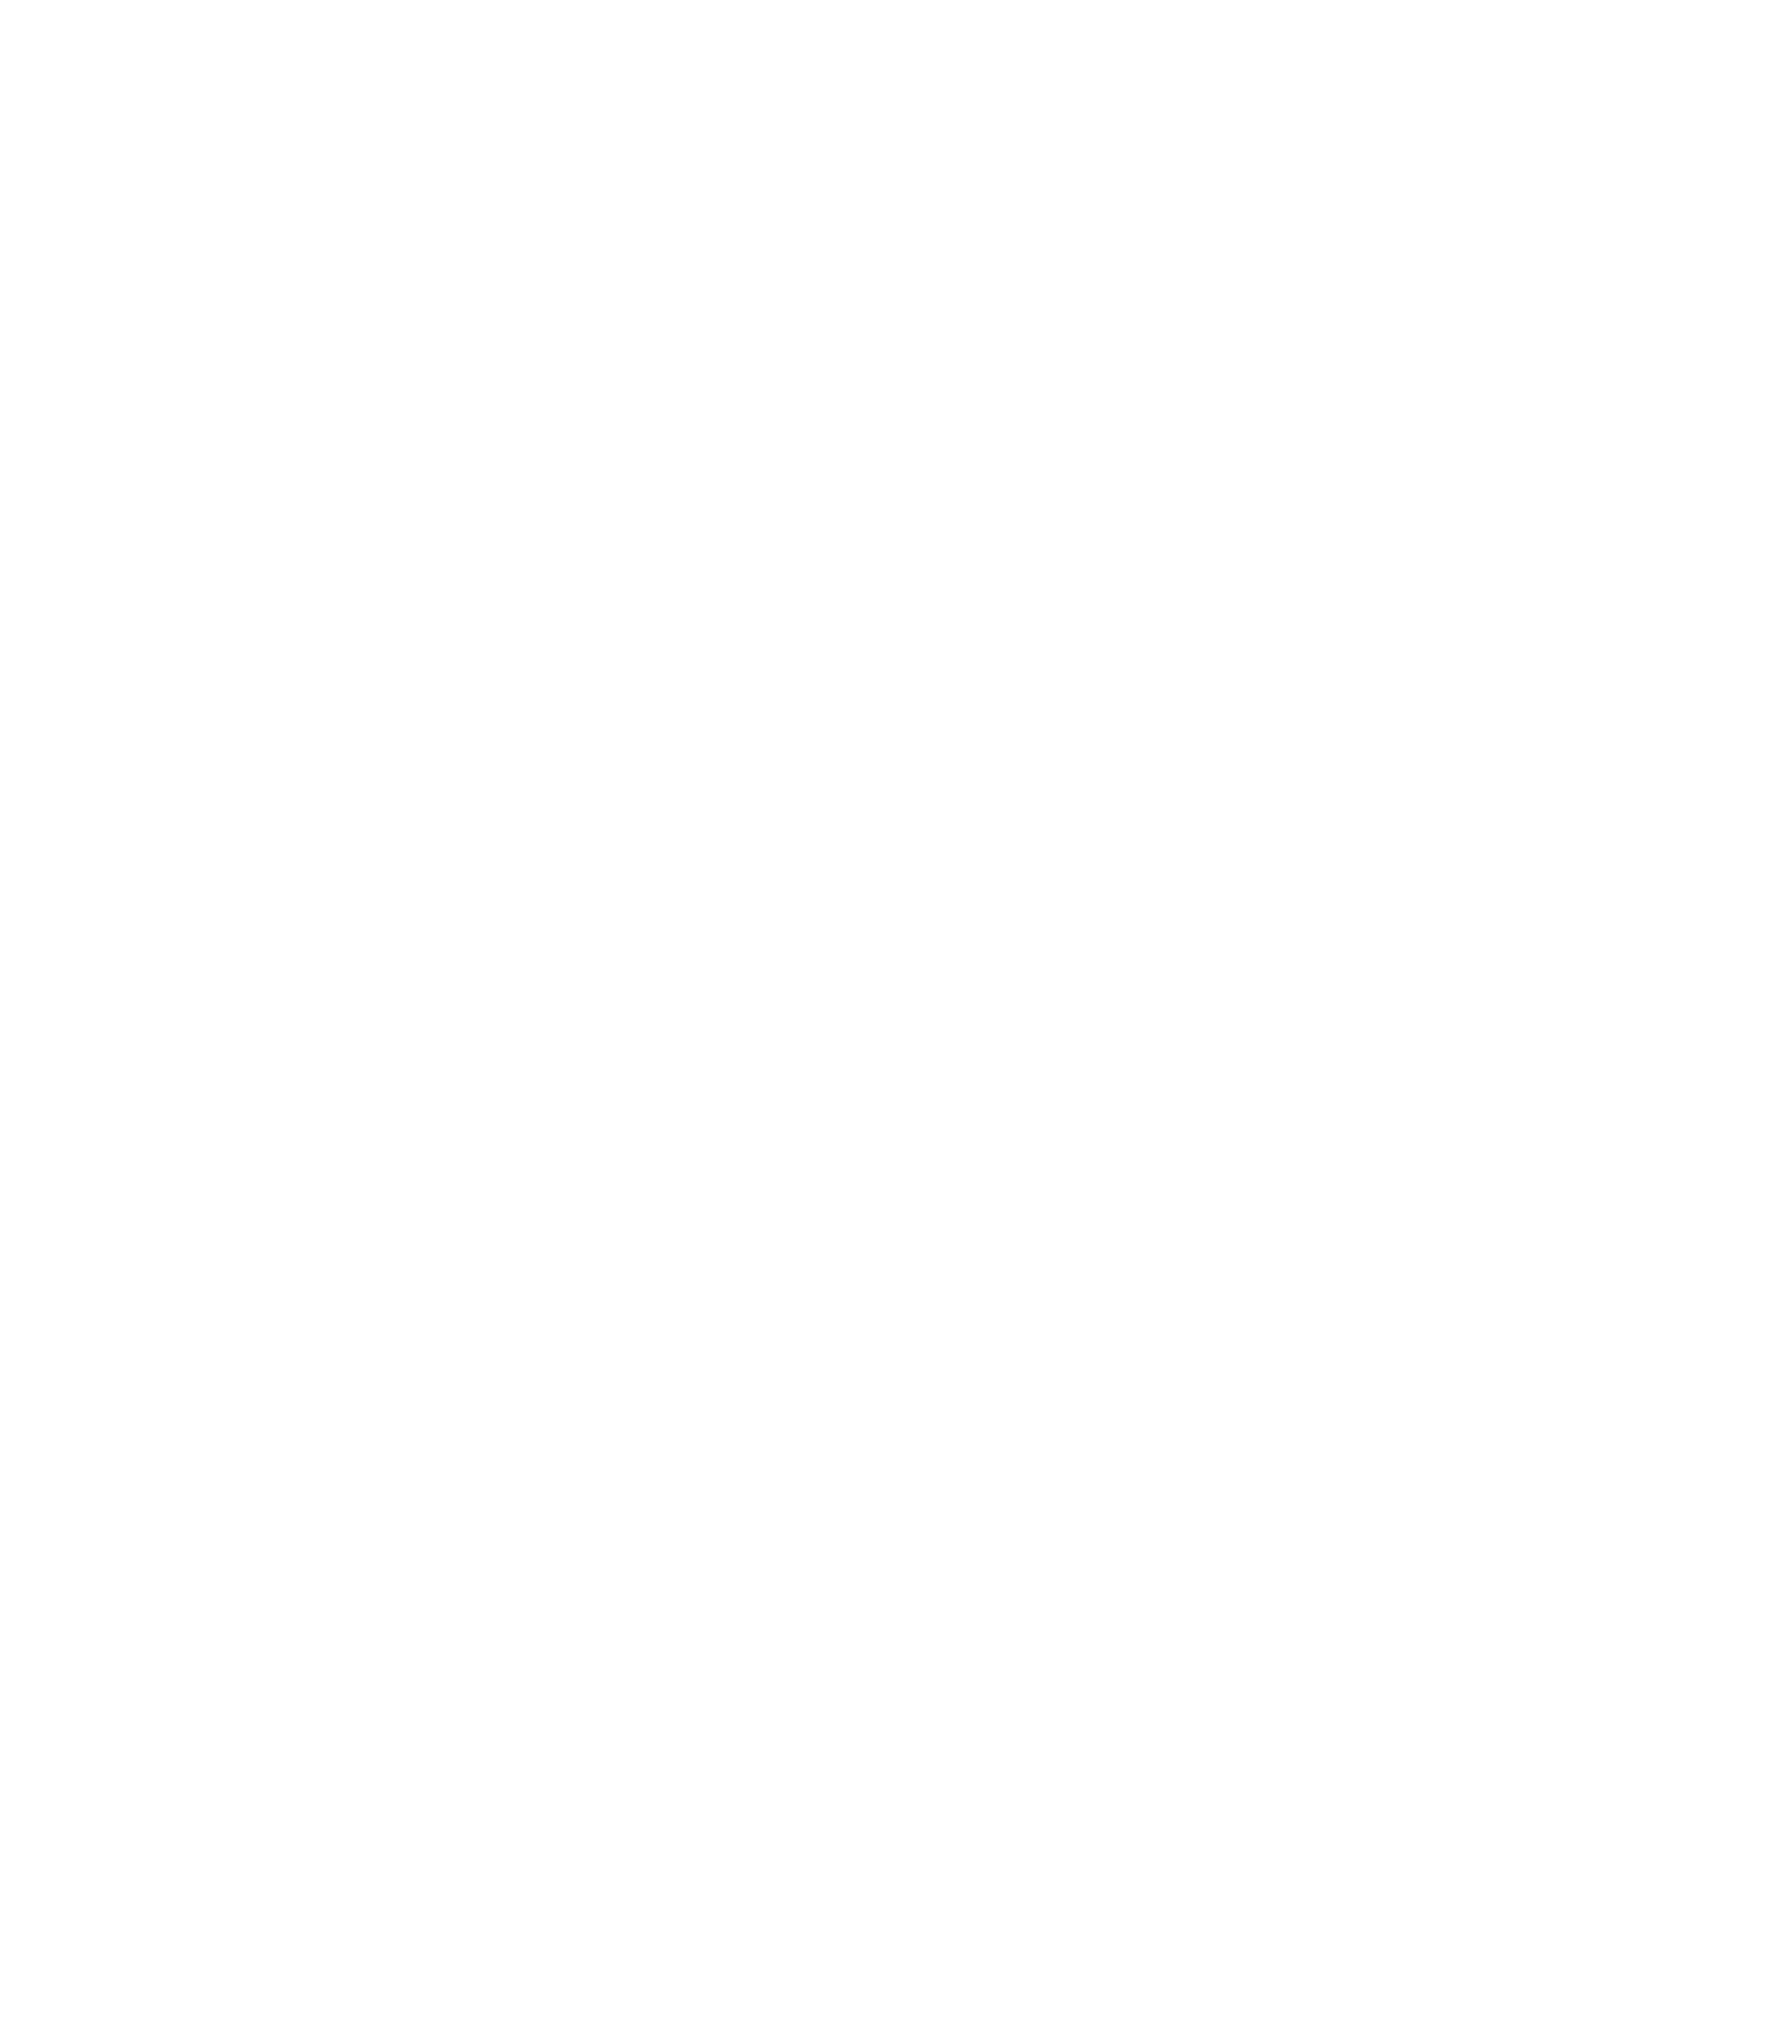 クラッチワークス ロゴ